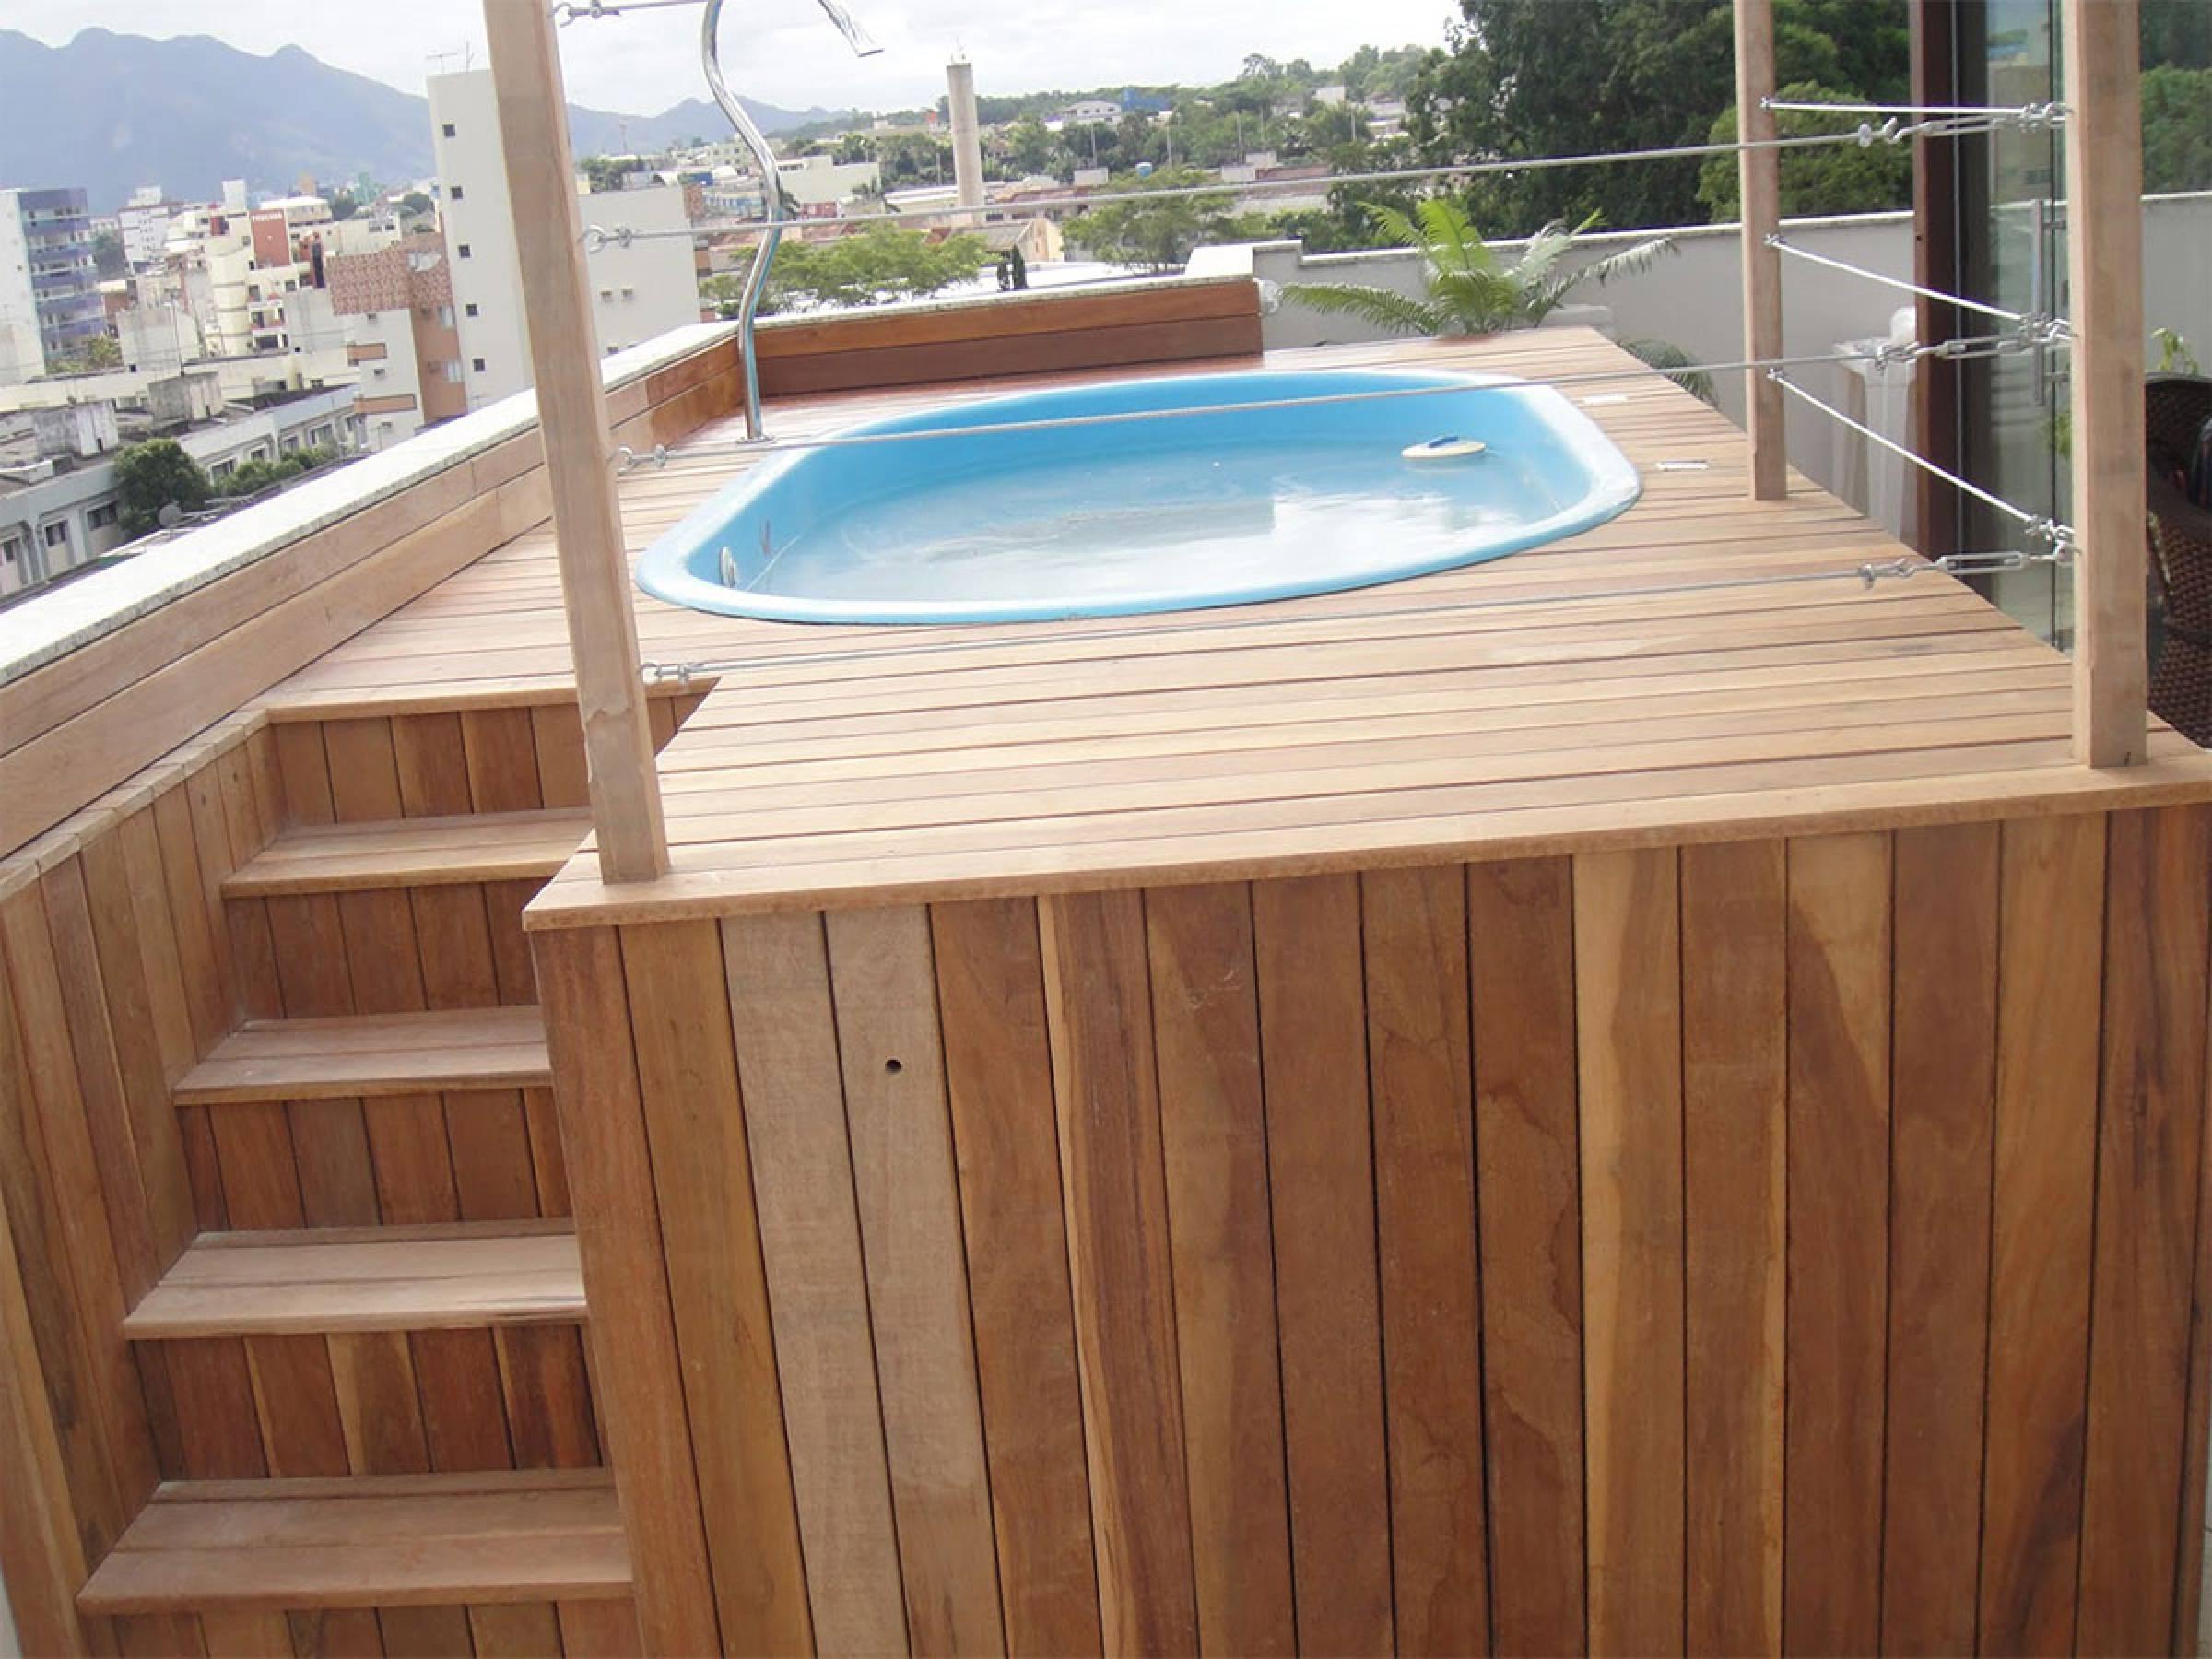 Pool Decking Tiles